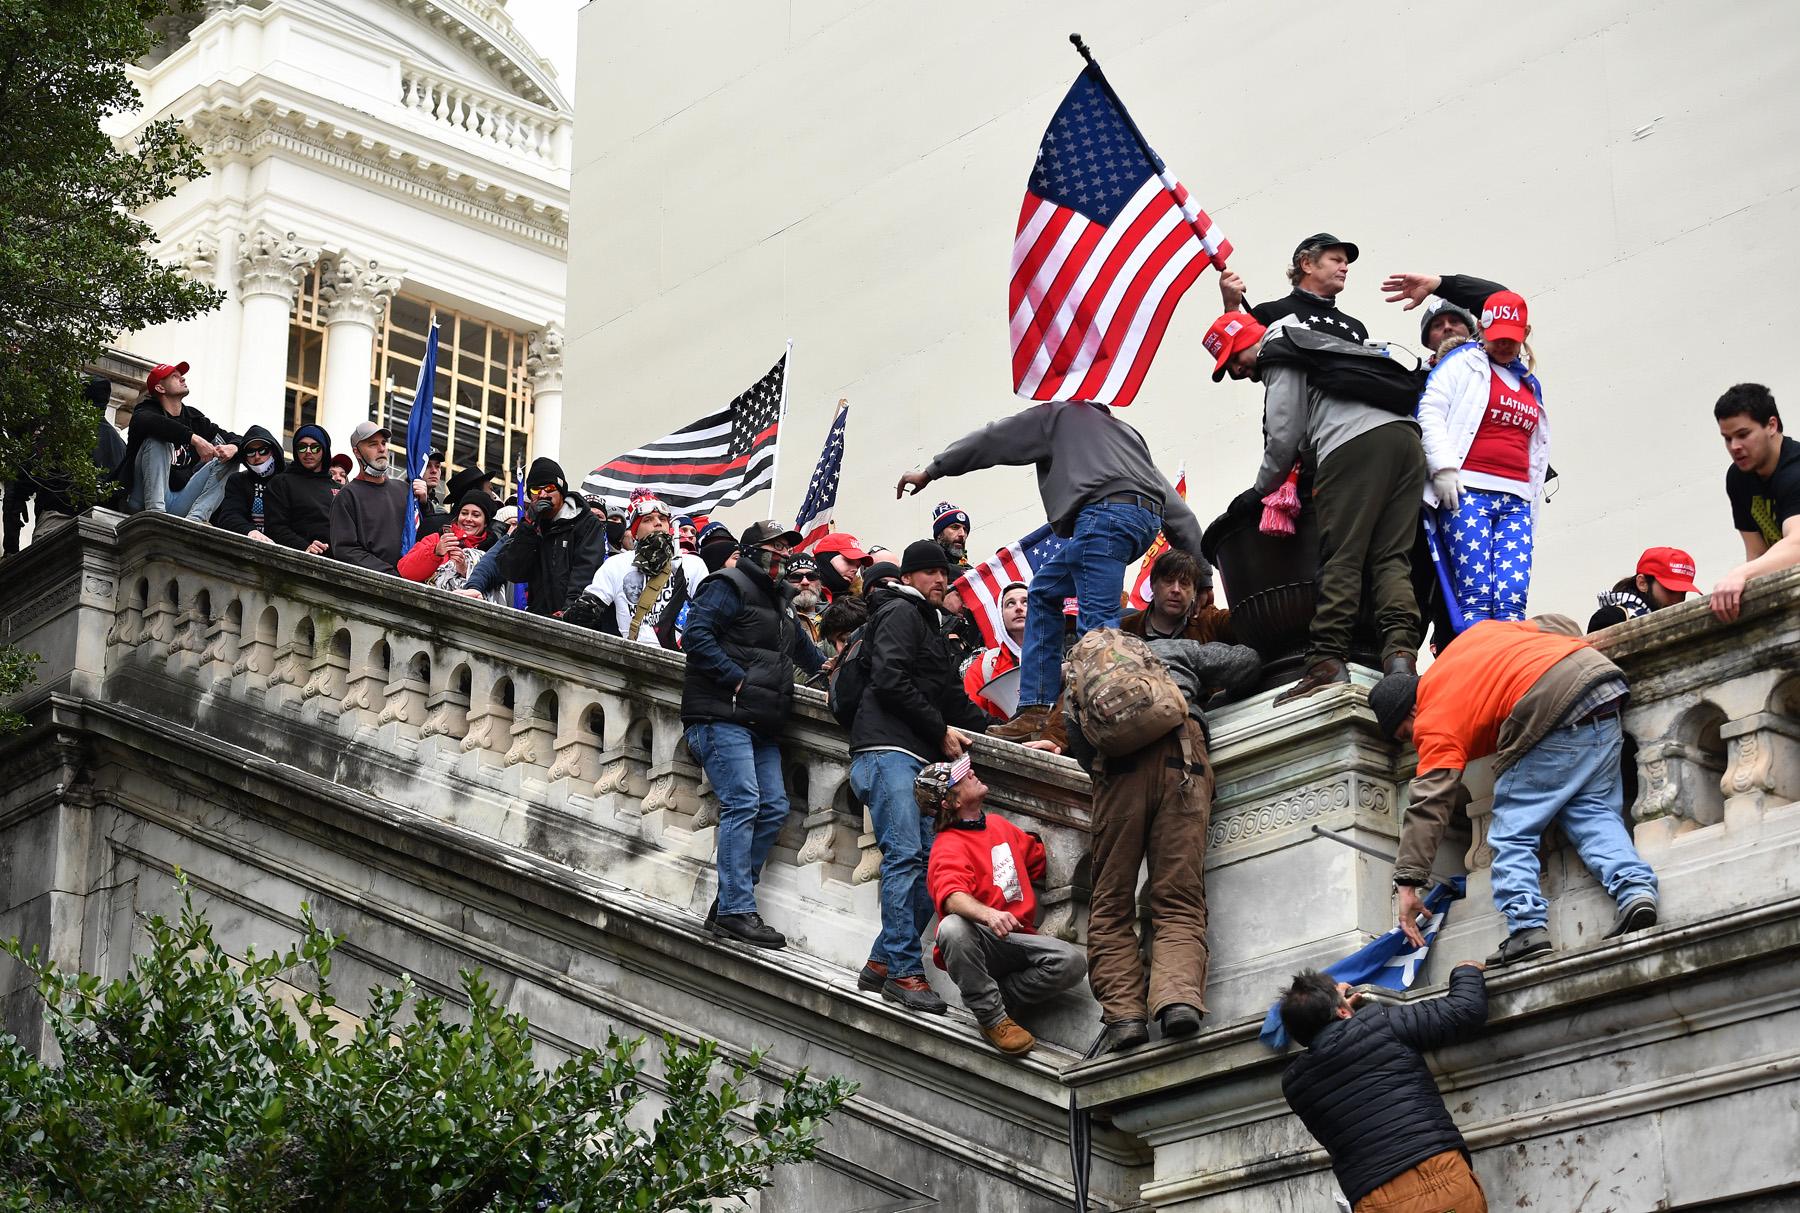 Partidaris de Trump en l'assalt del Capitoli per intentar impedir la certificació de la victòria de Joe Biden / Essdras M. Suarez/ZUMA Wire/dpa